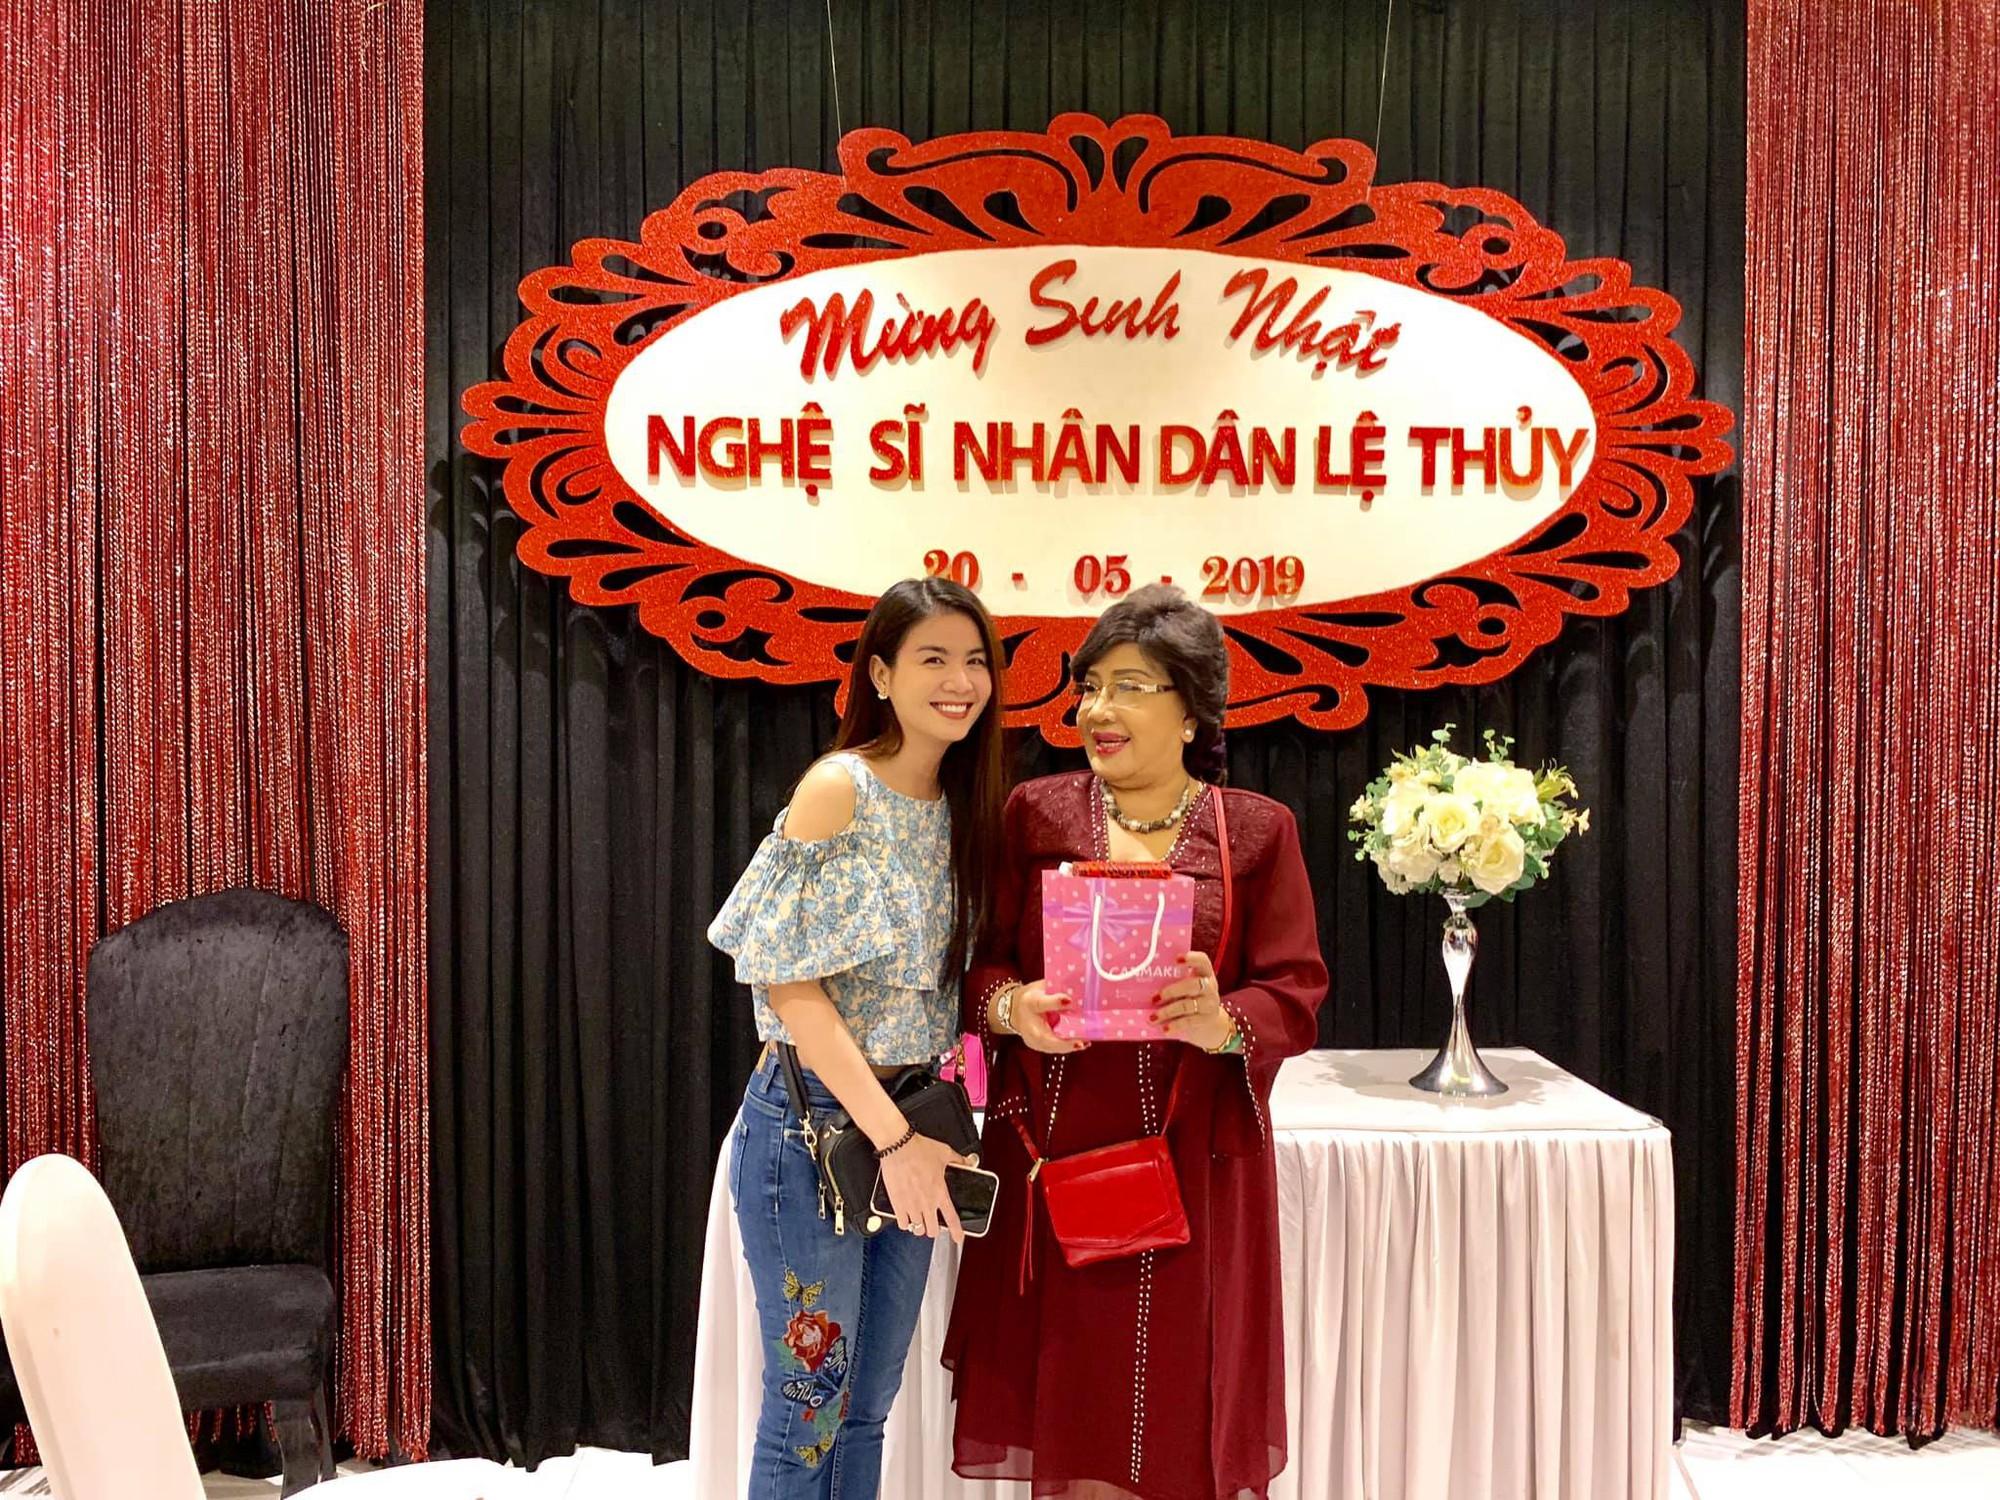 Dàn sao Việt tưng bừng mừng sinh nhật NSND Lệ Thủy - Ảnh 2.